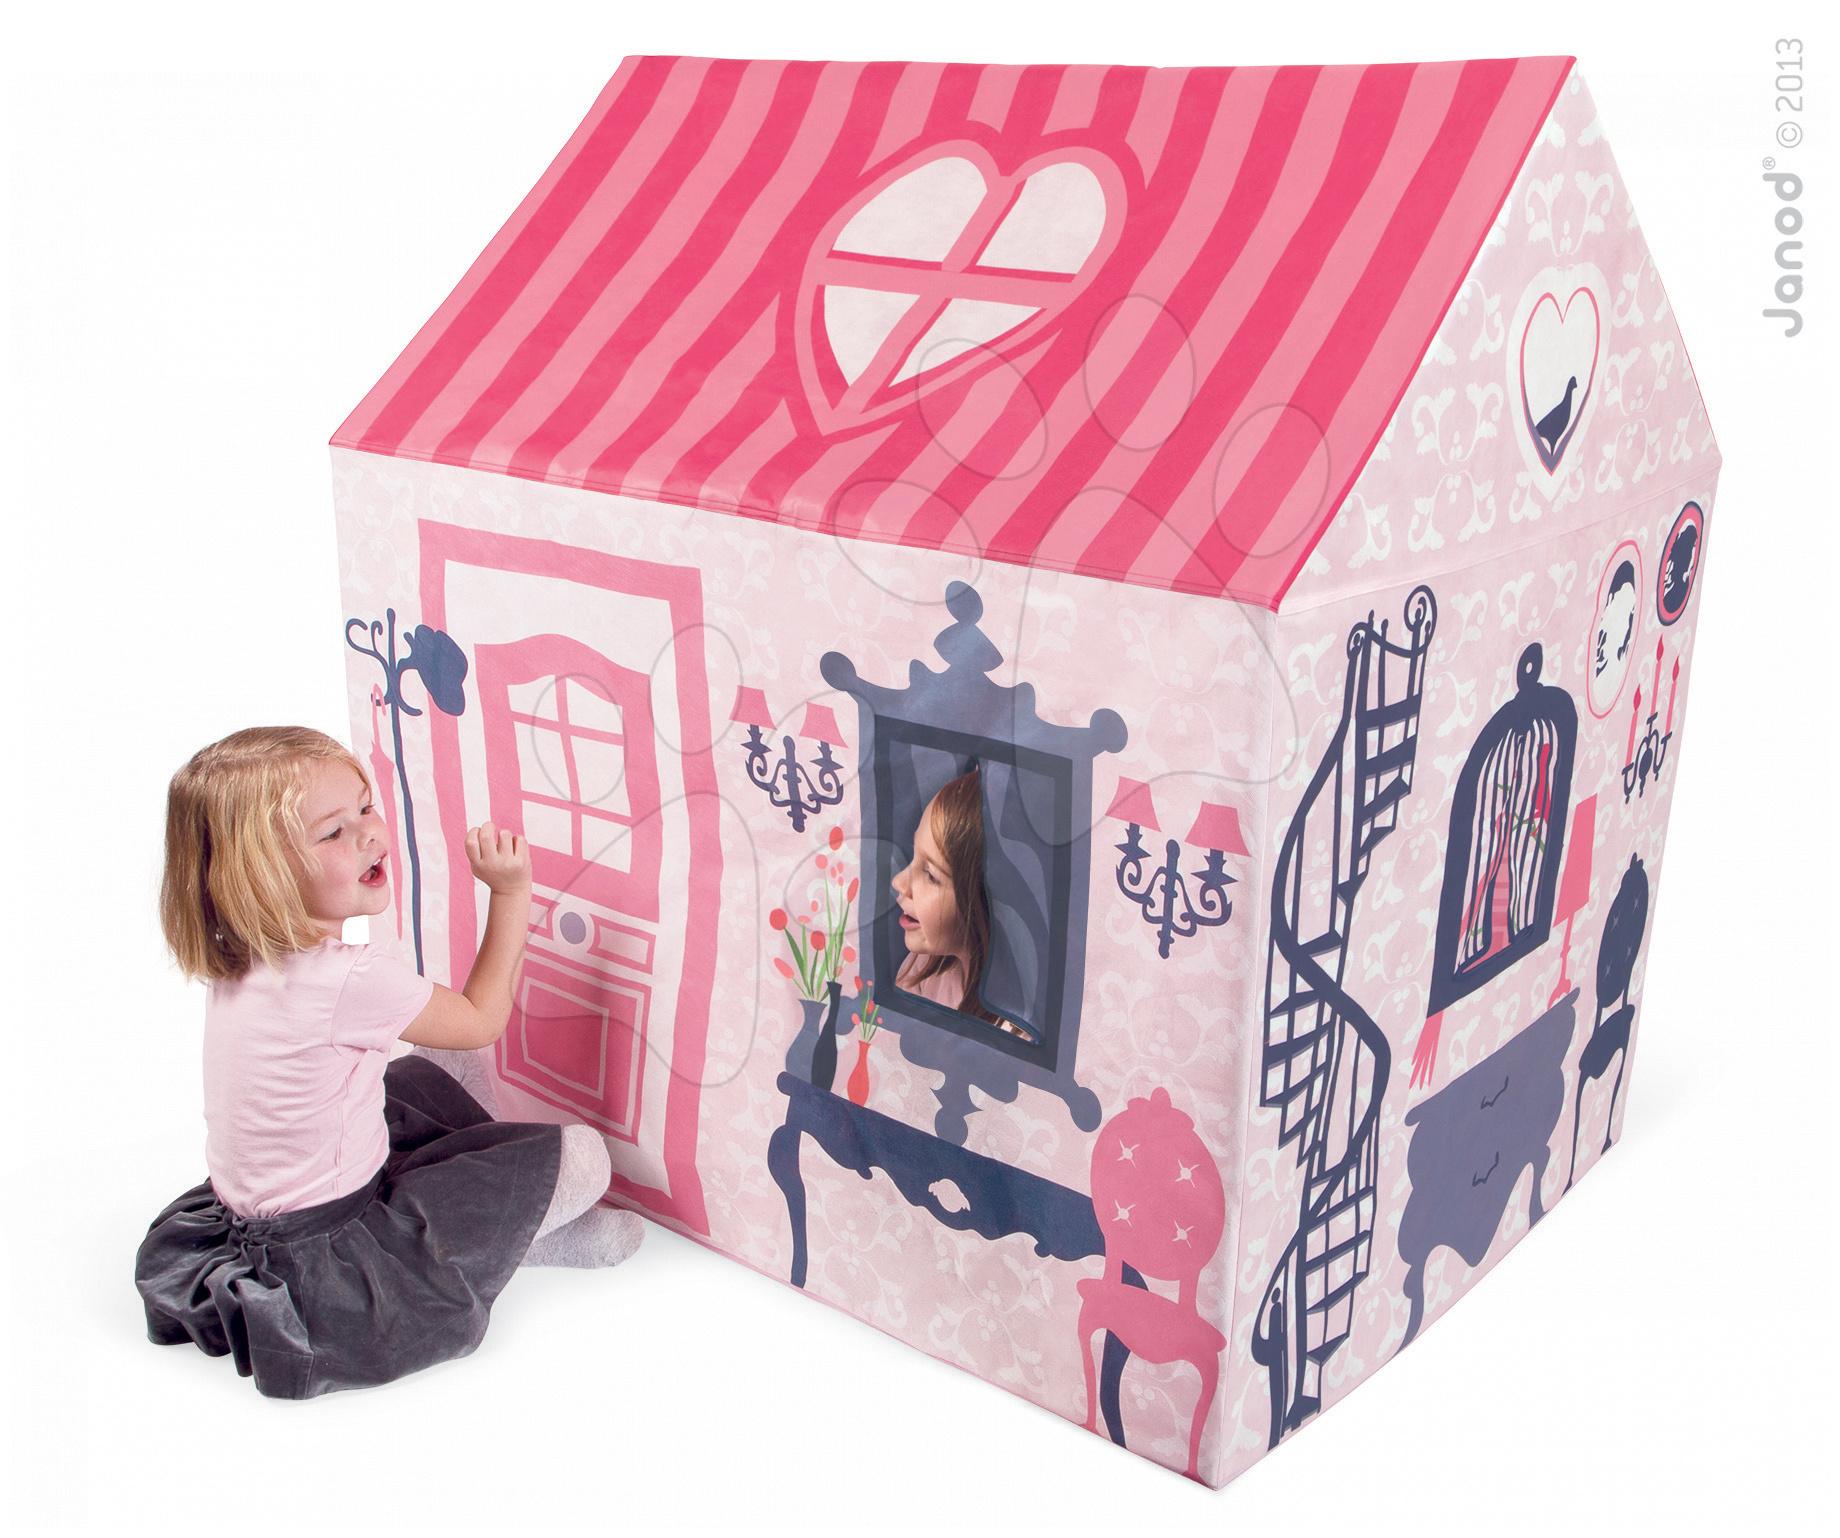 Domeček Mademoiselle House Janod textilní